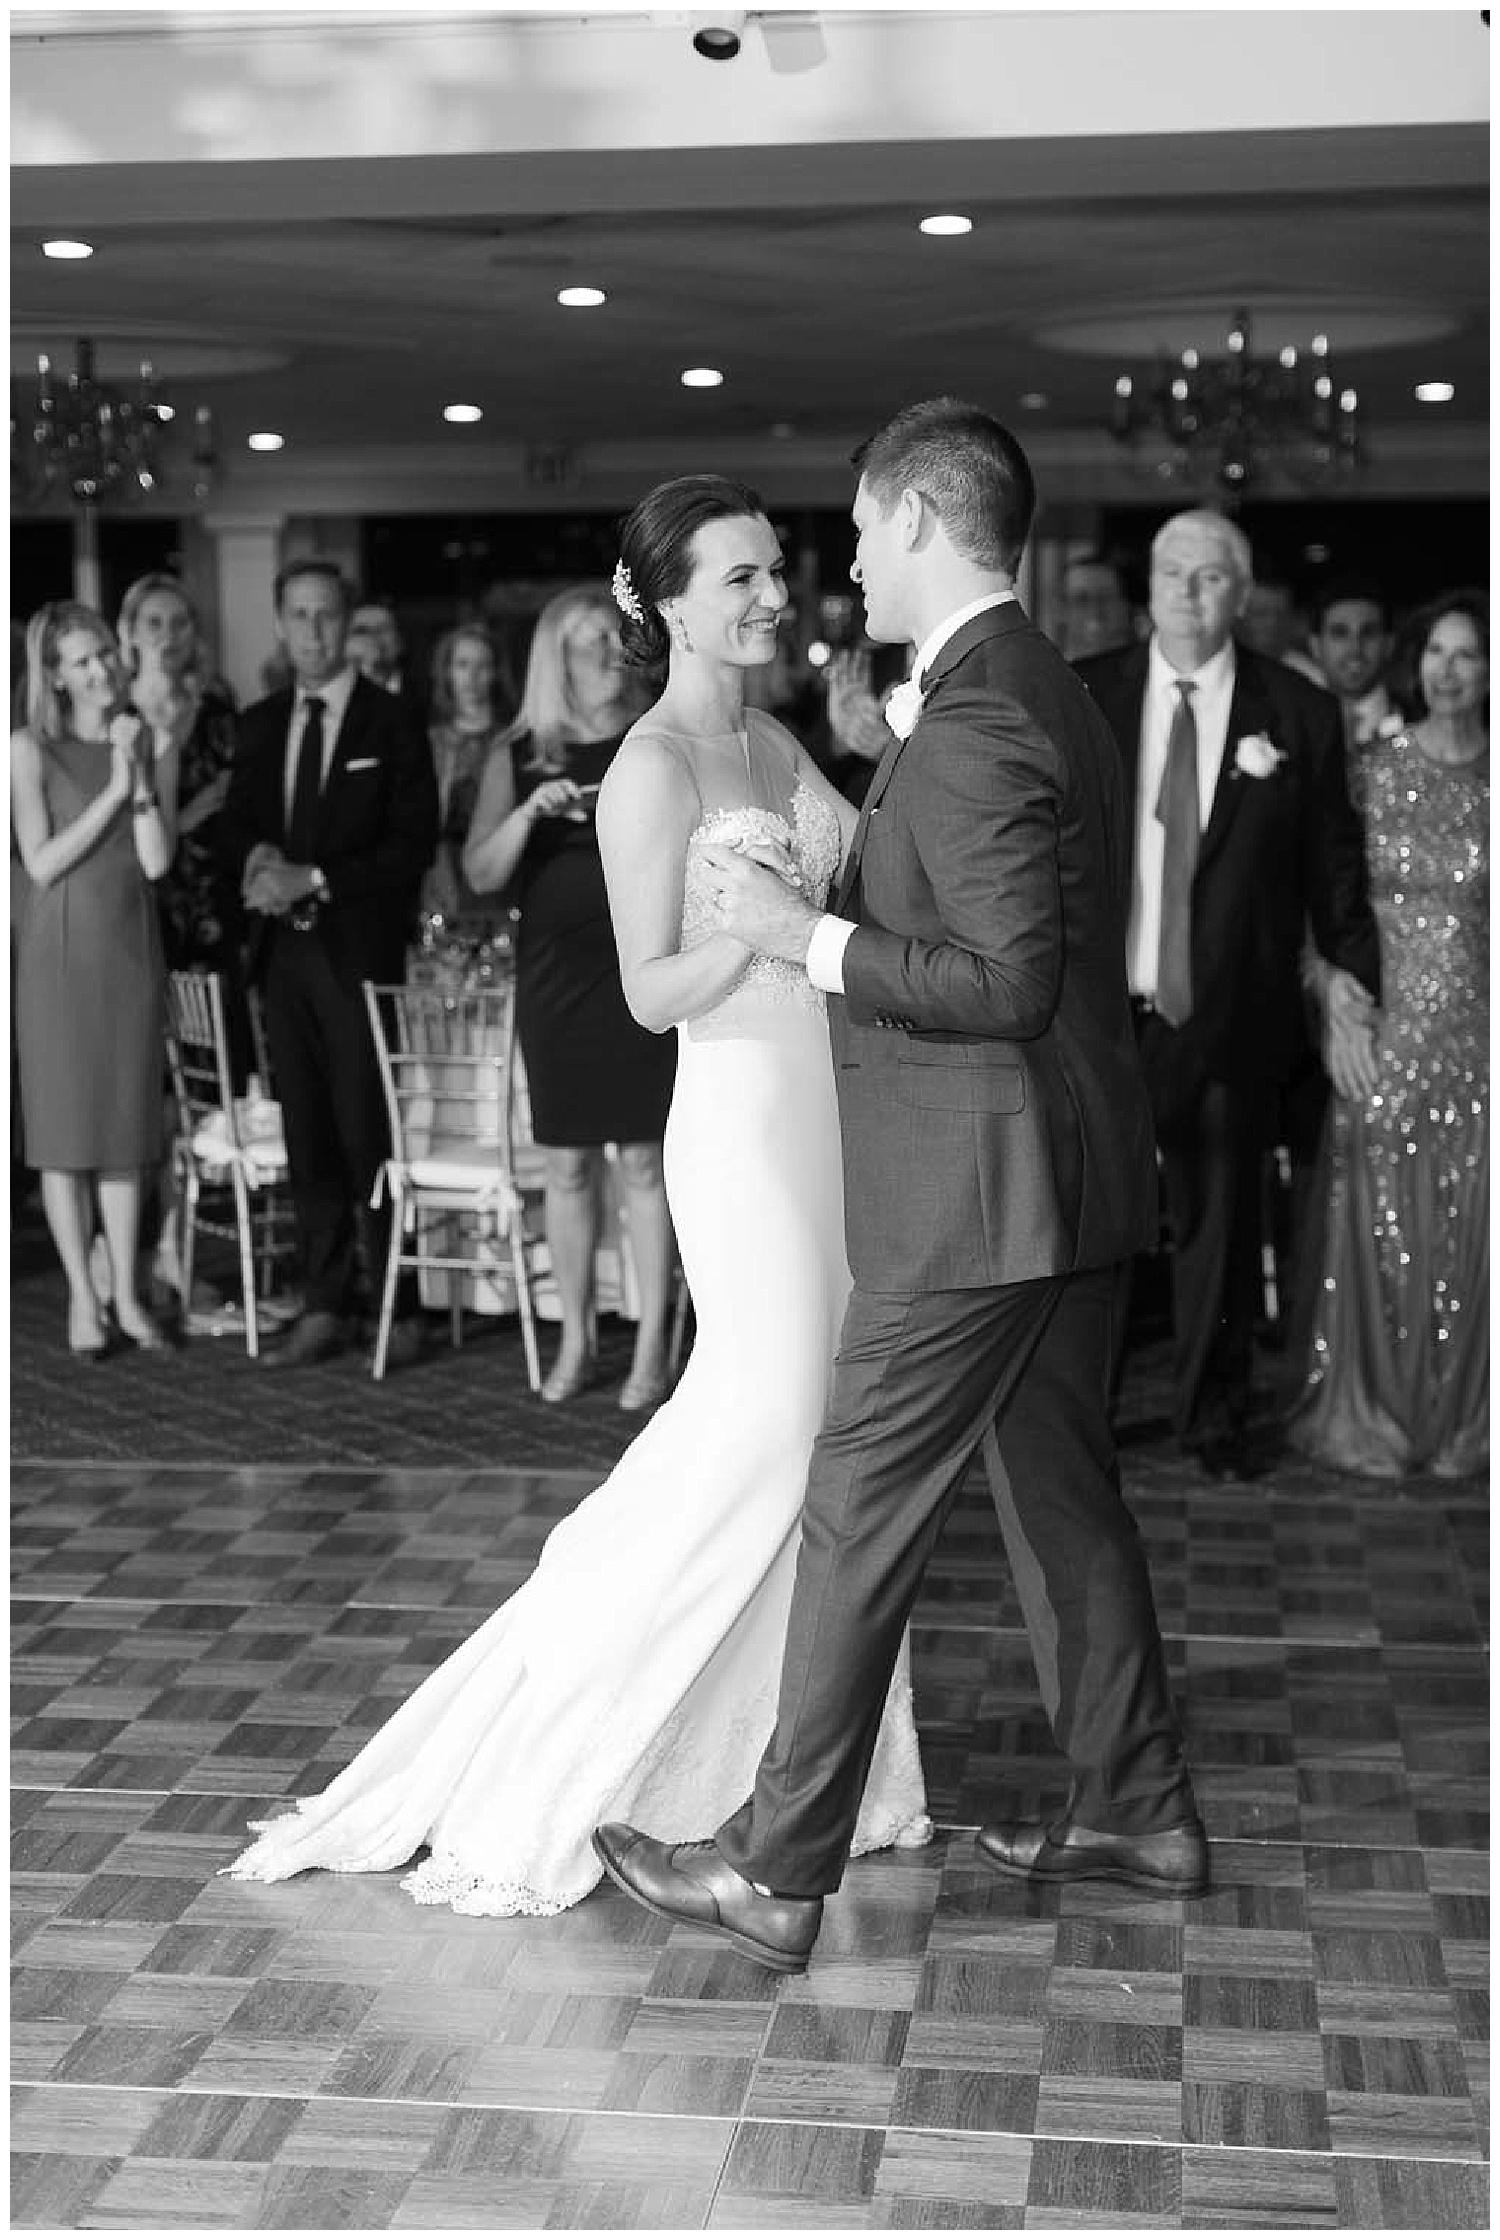 Larchmont Shore Club Wedding | Larchmont, NY | www.redoakweddings.com